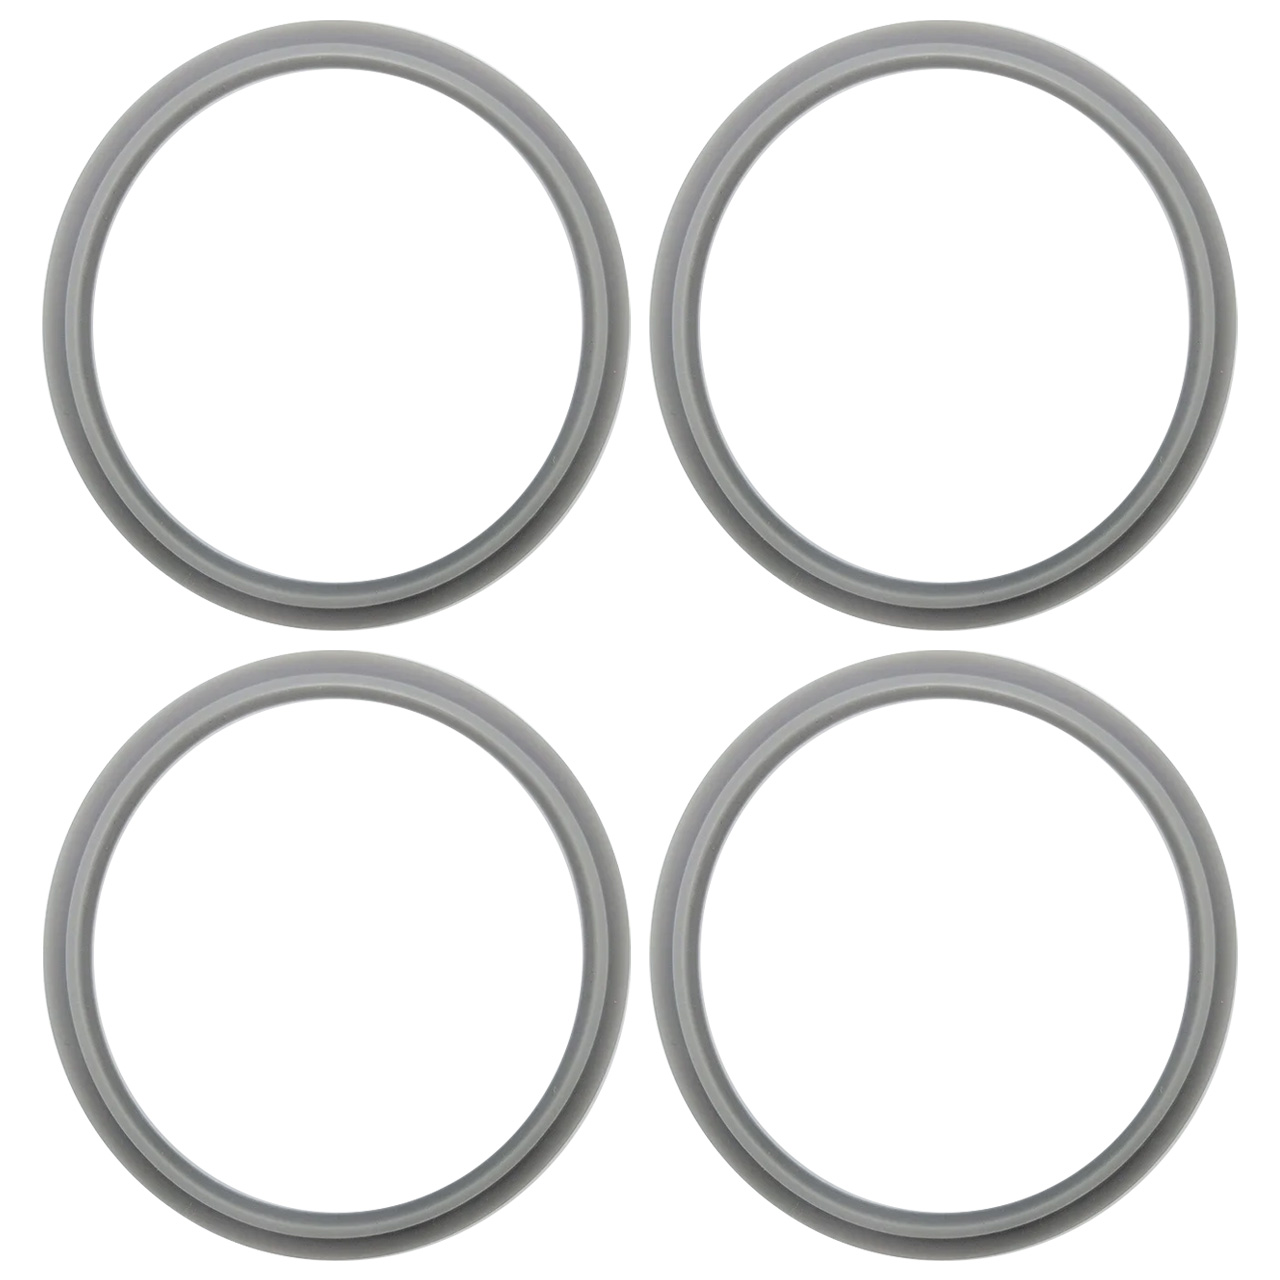 4 Anéis de Vedação para Liquidificador NutriBullet 600W 900W - Pronta Entrega